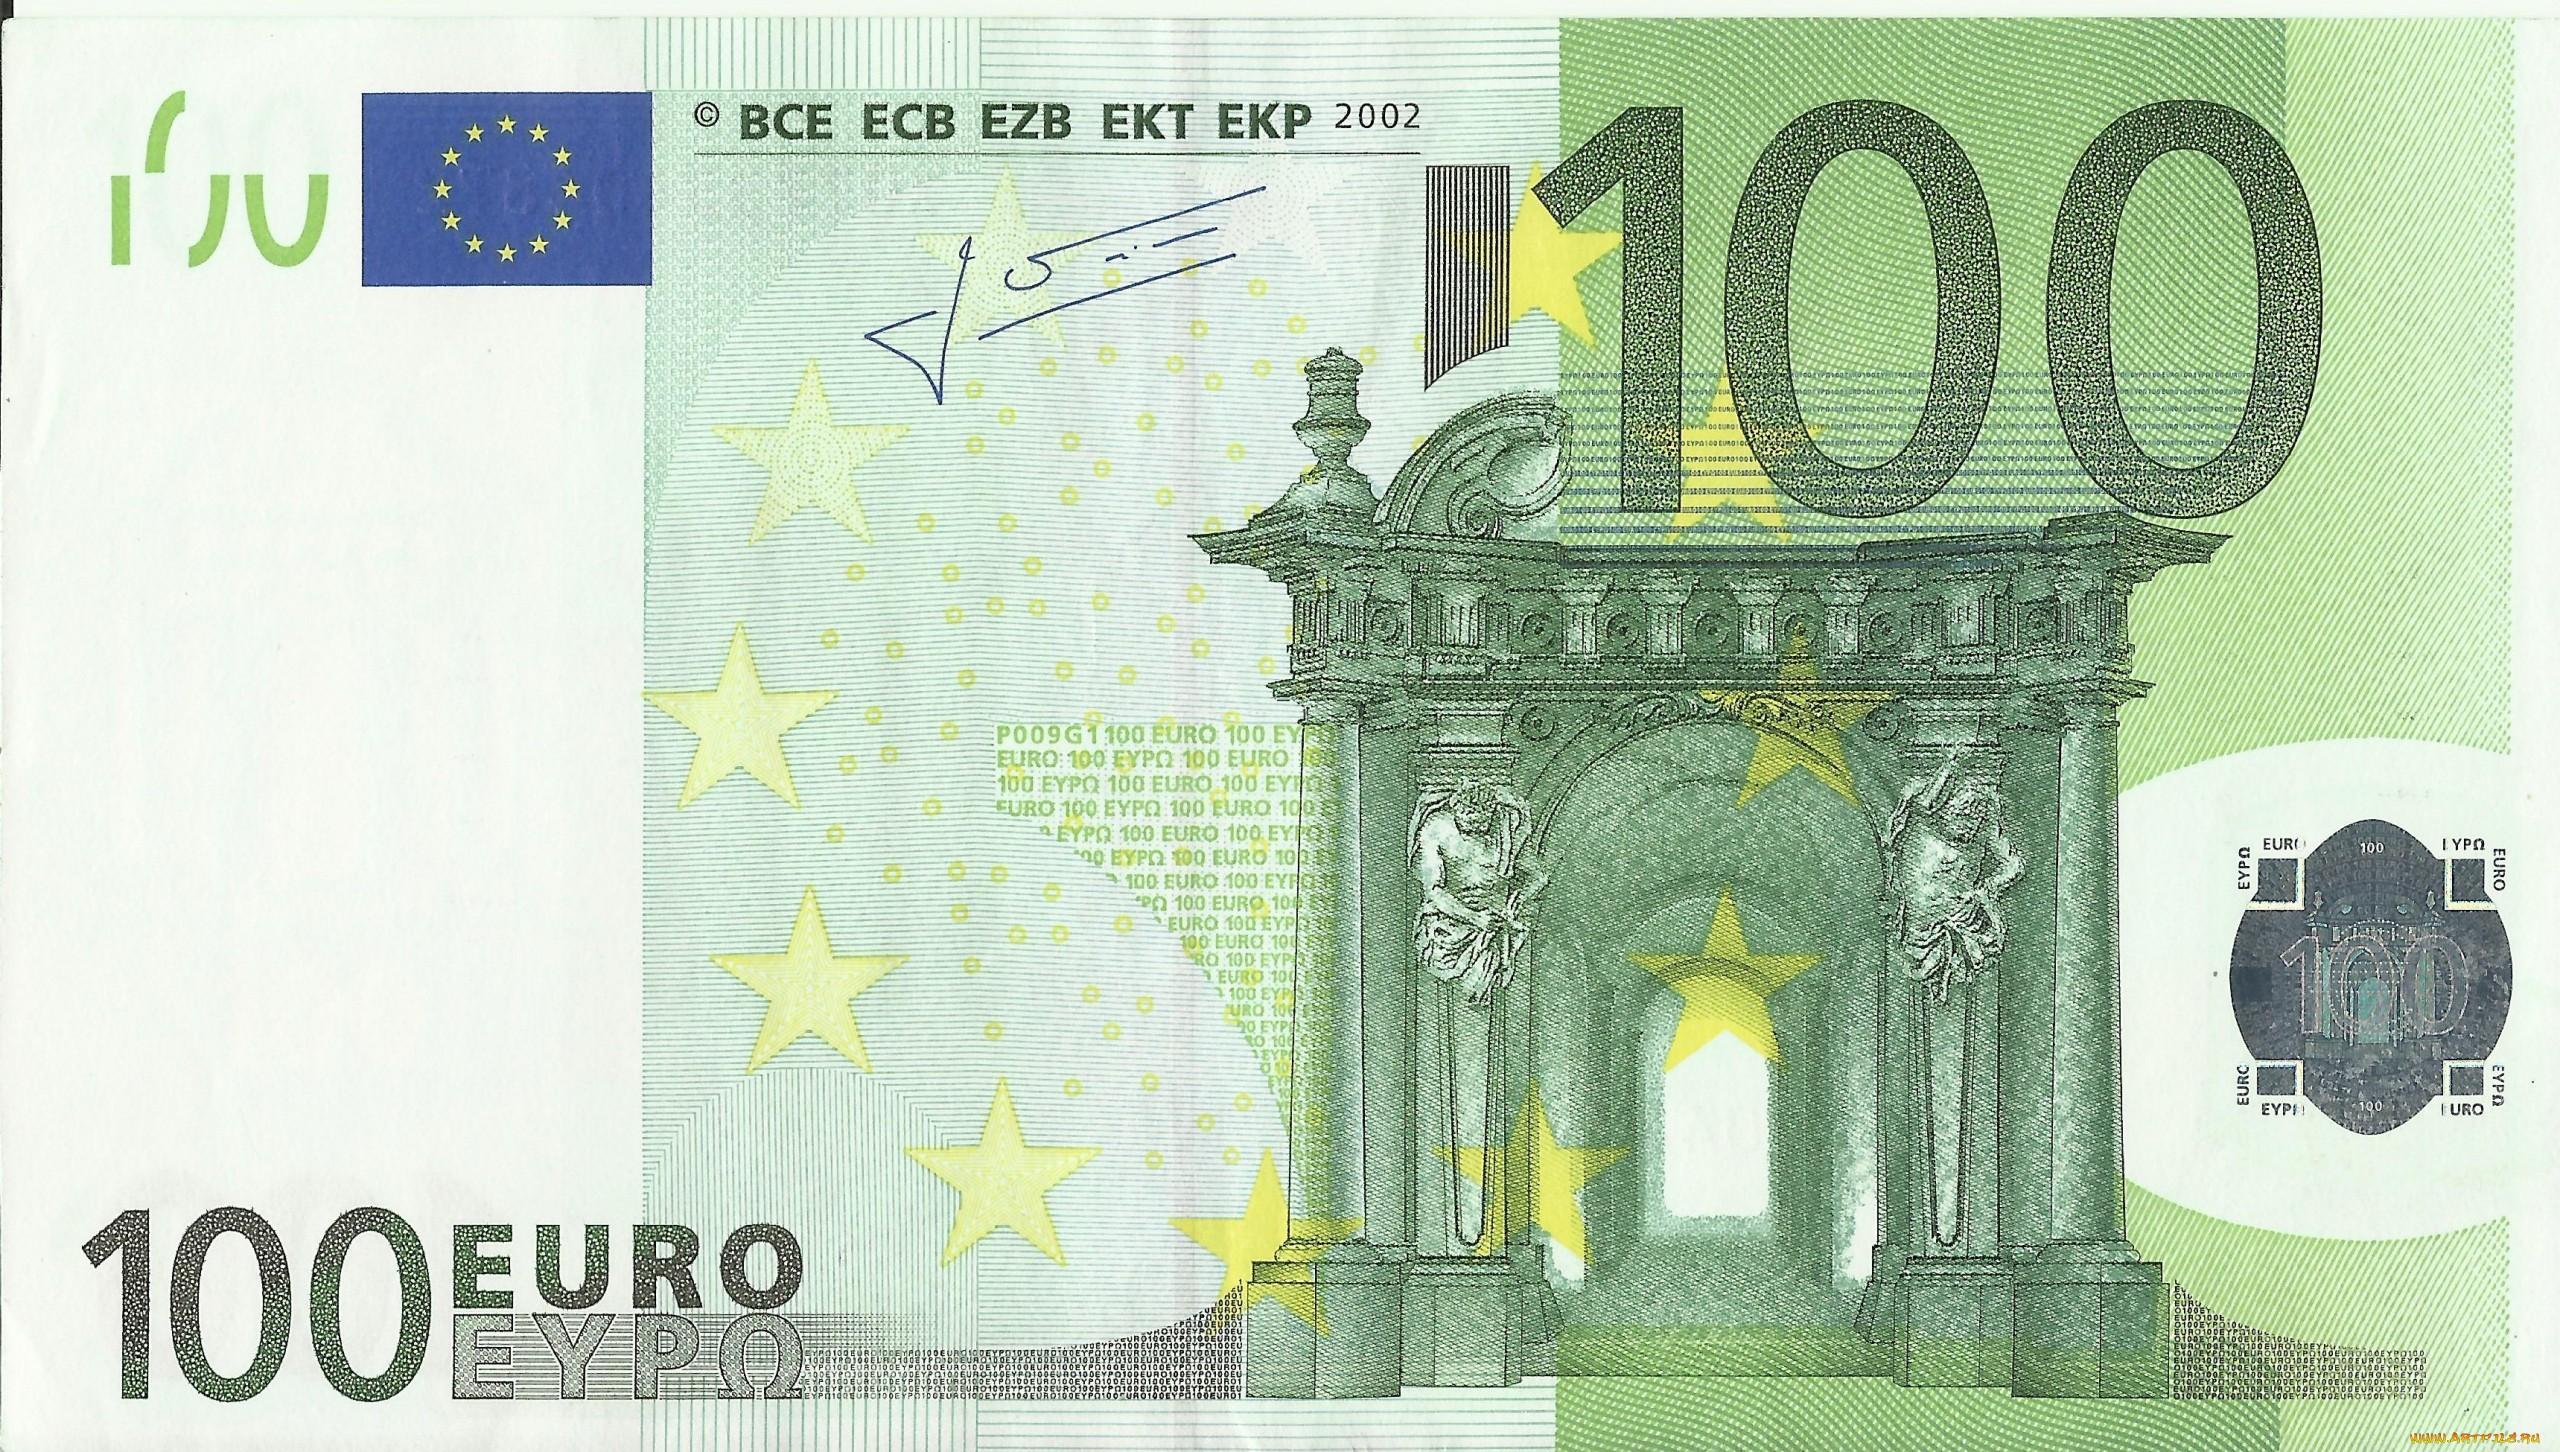 ЦЕНЫ В ФИНЛЯНДИИ ИЛИ ЧТО МОЖНО КУПИТЬ НА 100 ЕВРО